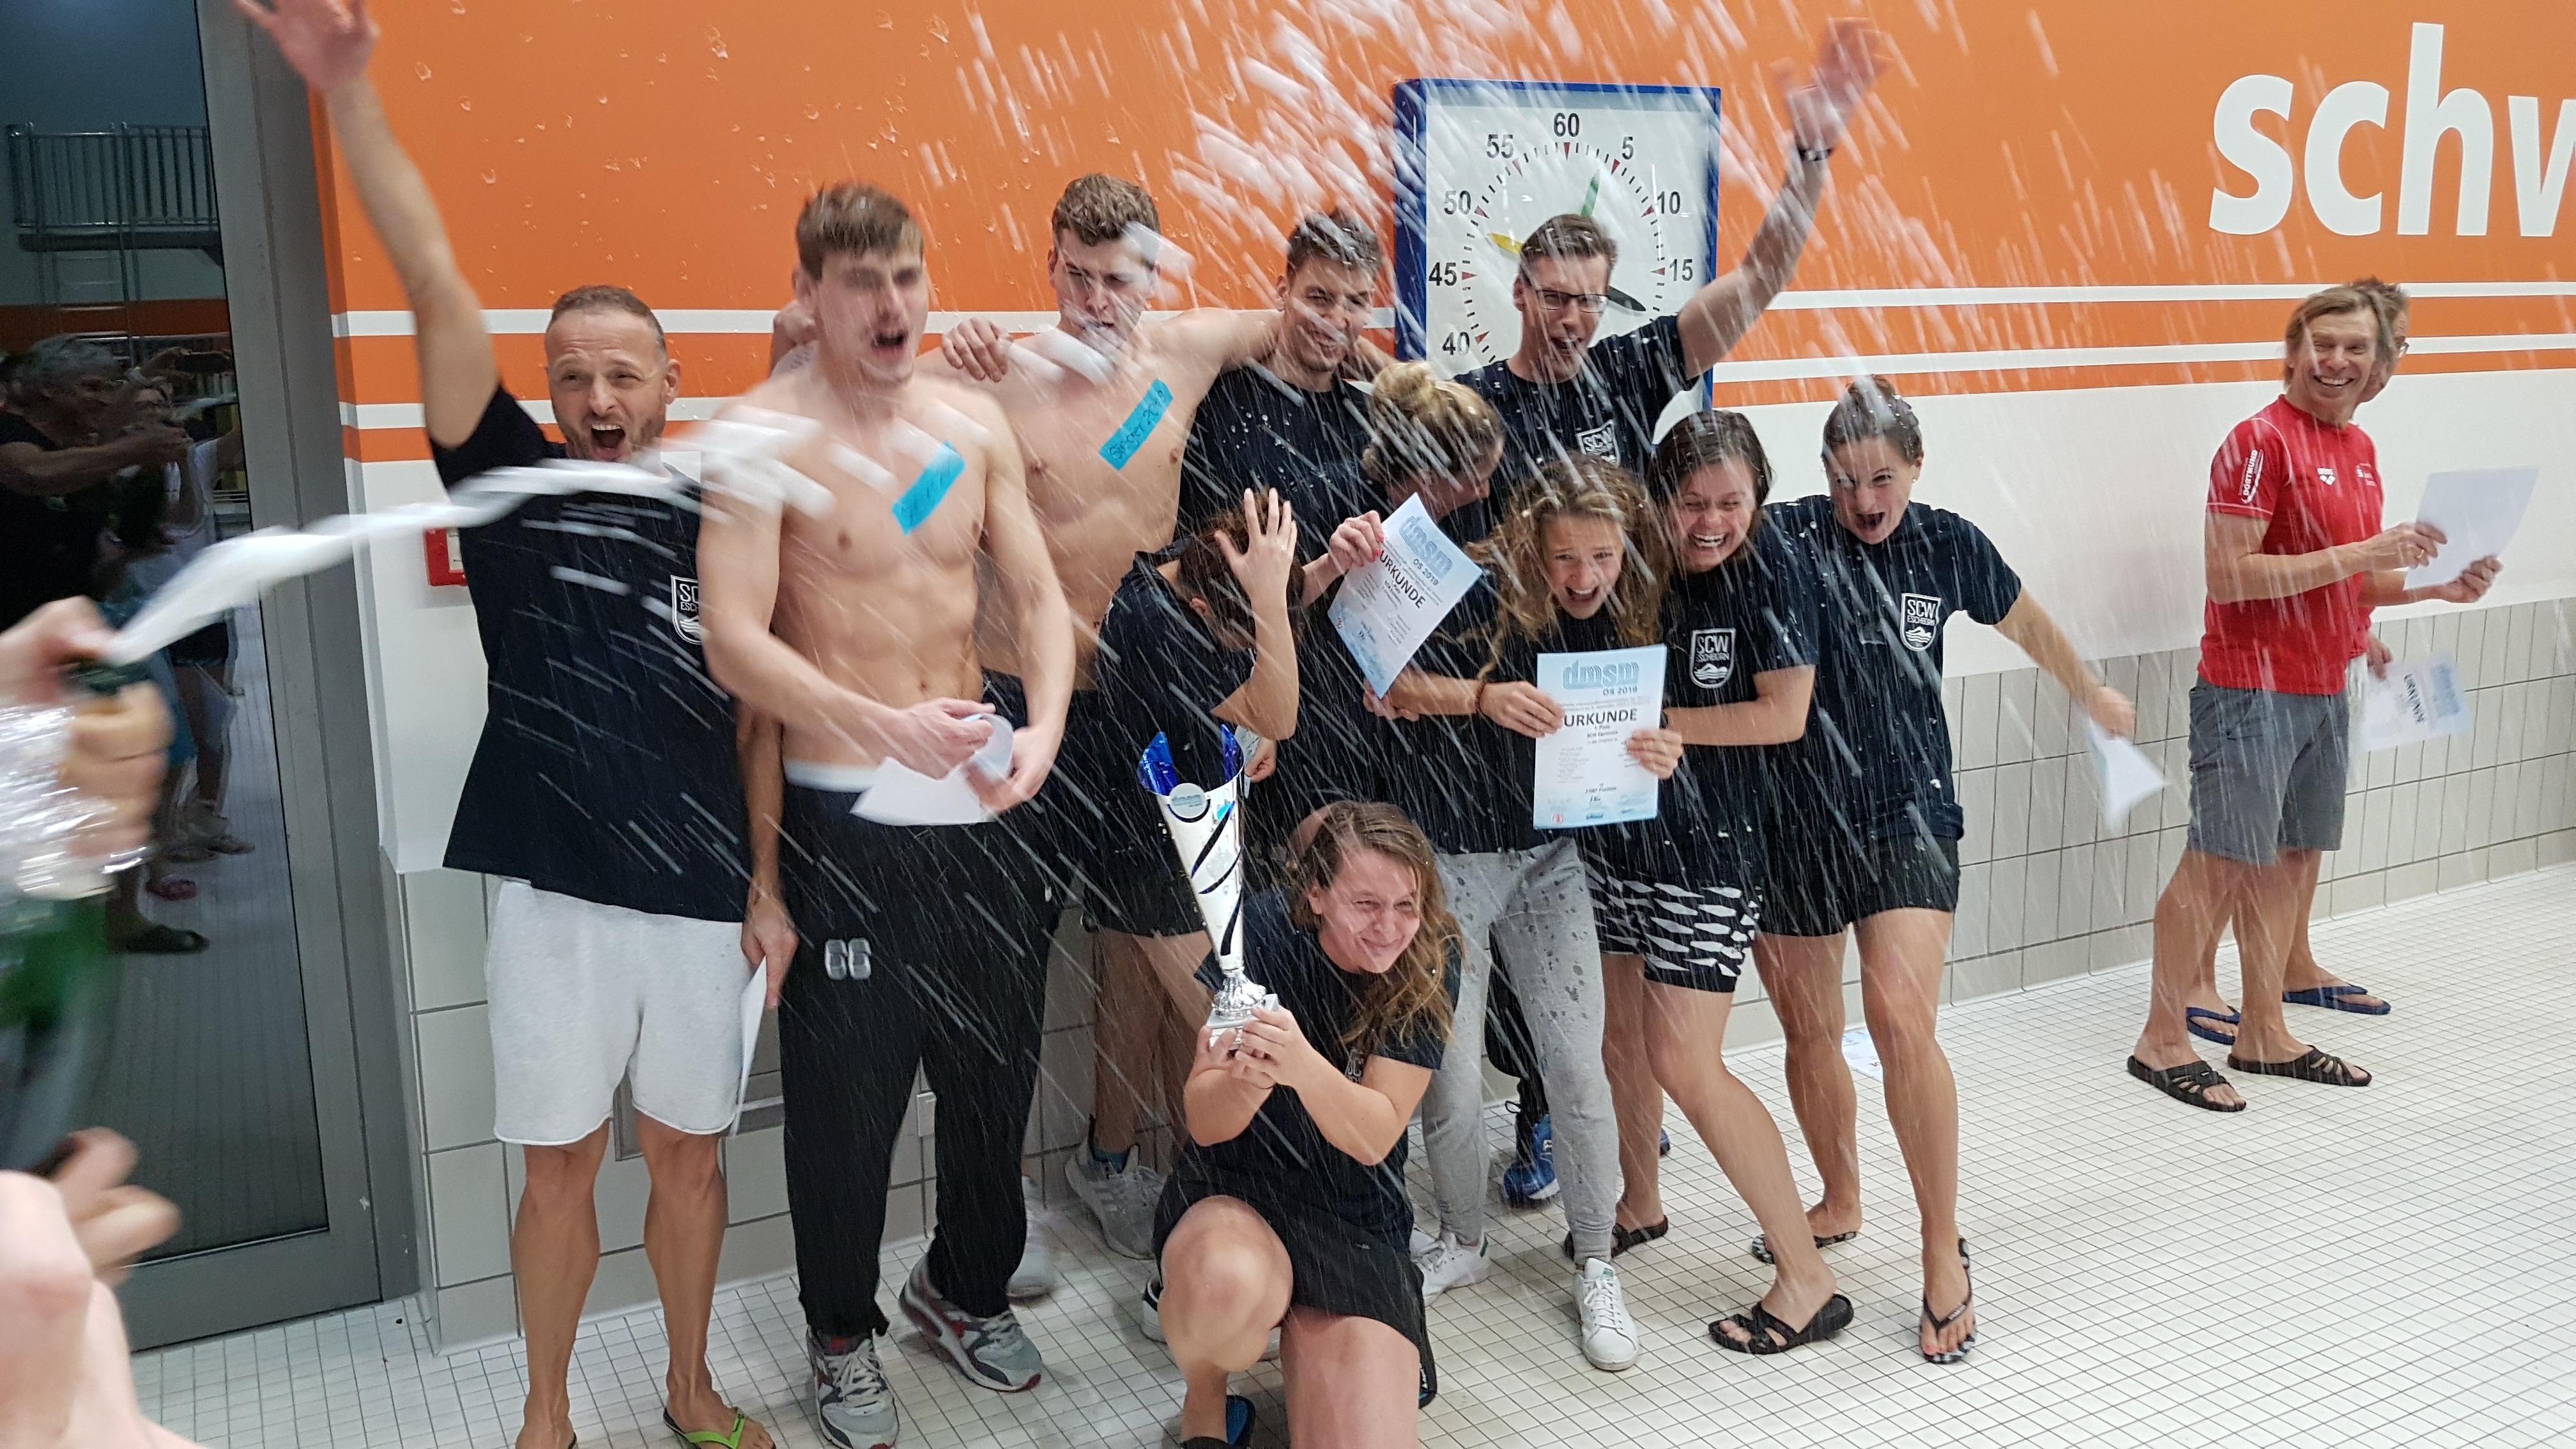 Wir haben es geschafft – der SCW Eschborn ist erneut die beste Mastersmannschaft Deutschlands